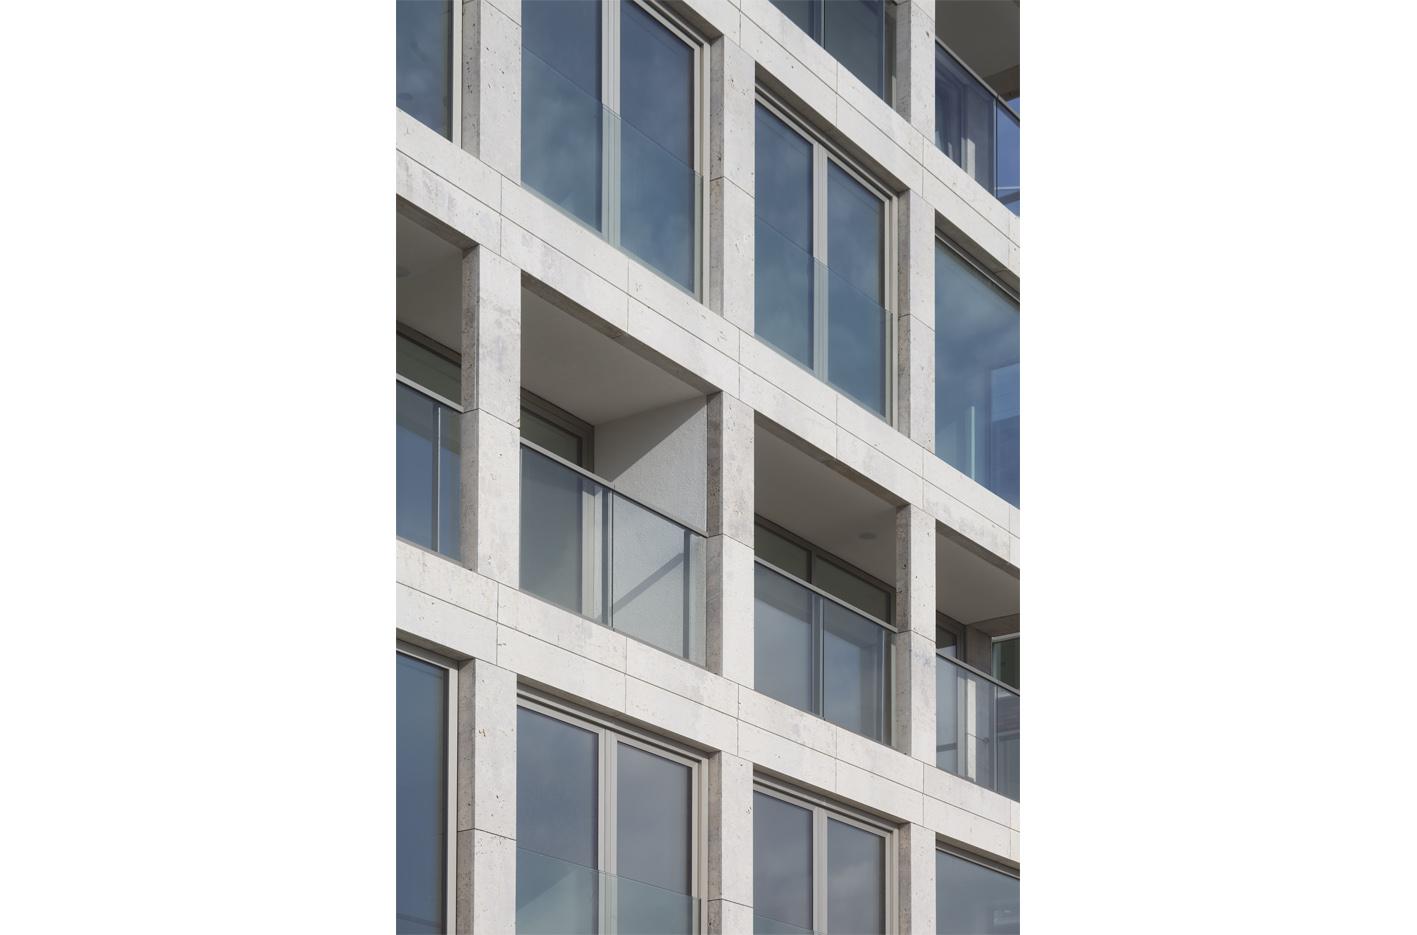 Atelier PUUUR BLOK straatbeeld geveldetail kadewoningen Houthaven Amsterdam CO zelfbouw